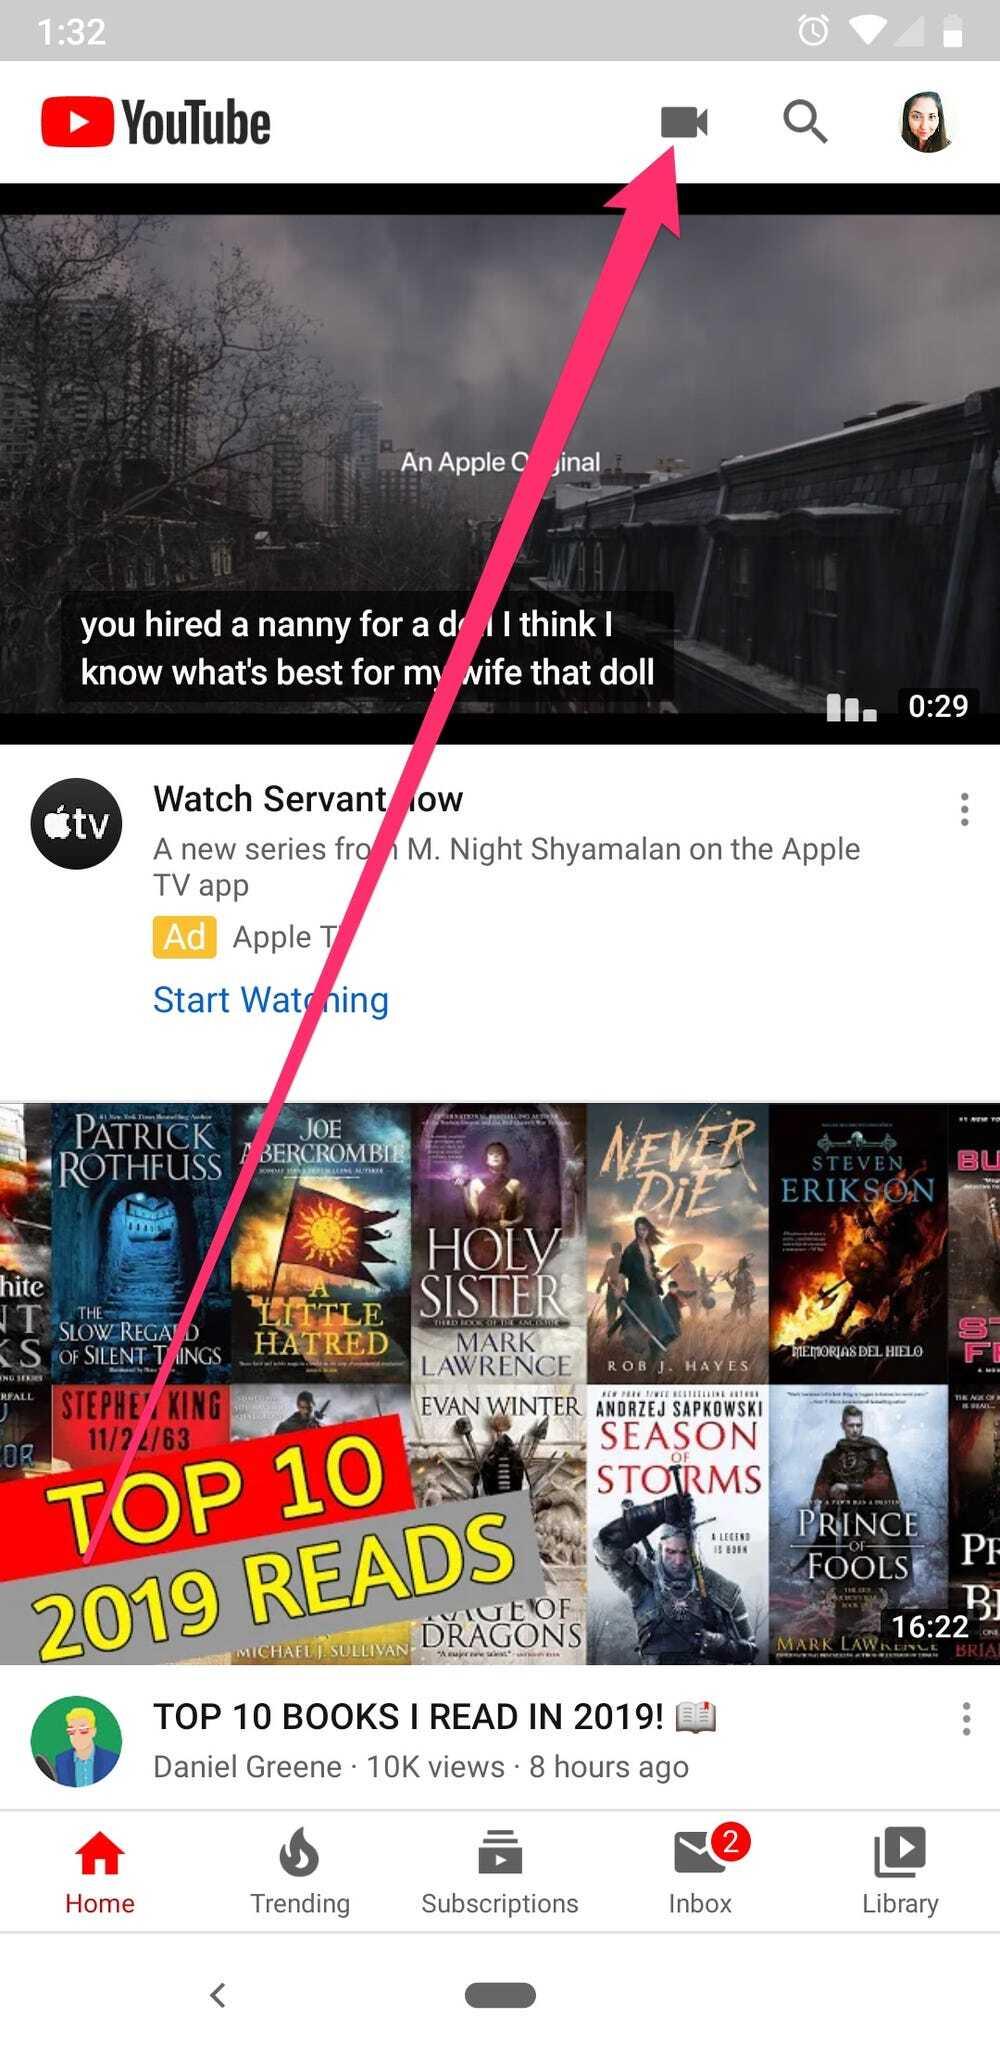 Cách đăng ảnh lên YouTube bằng điện thoại tăng tương tác